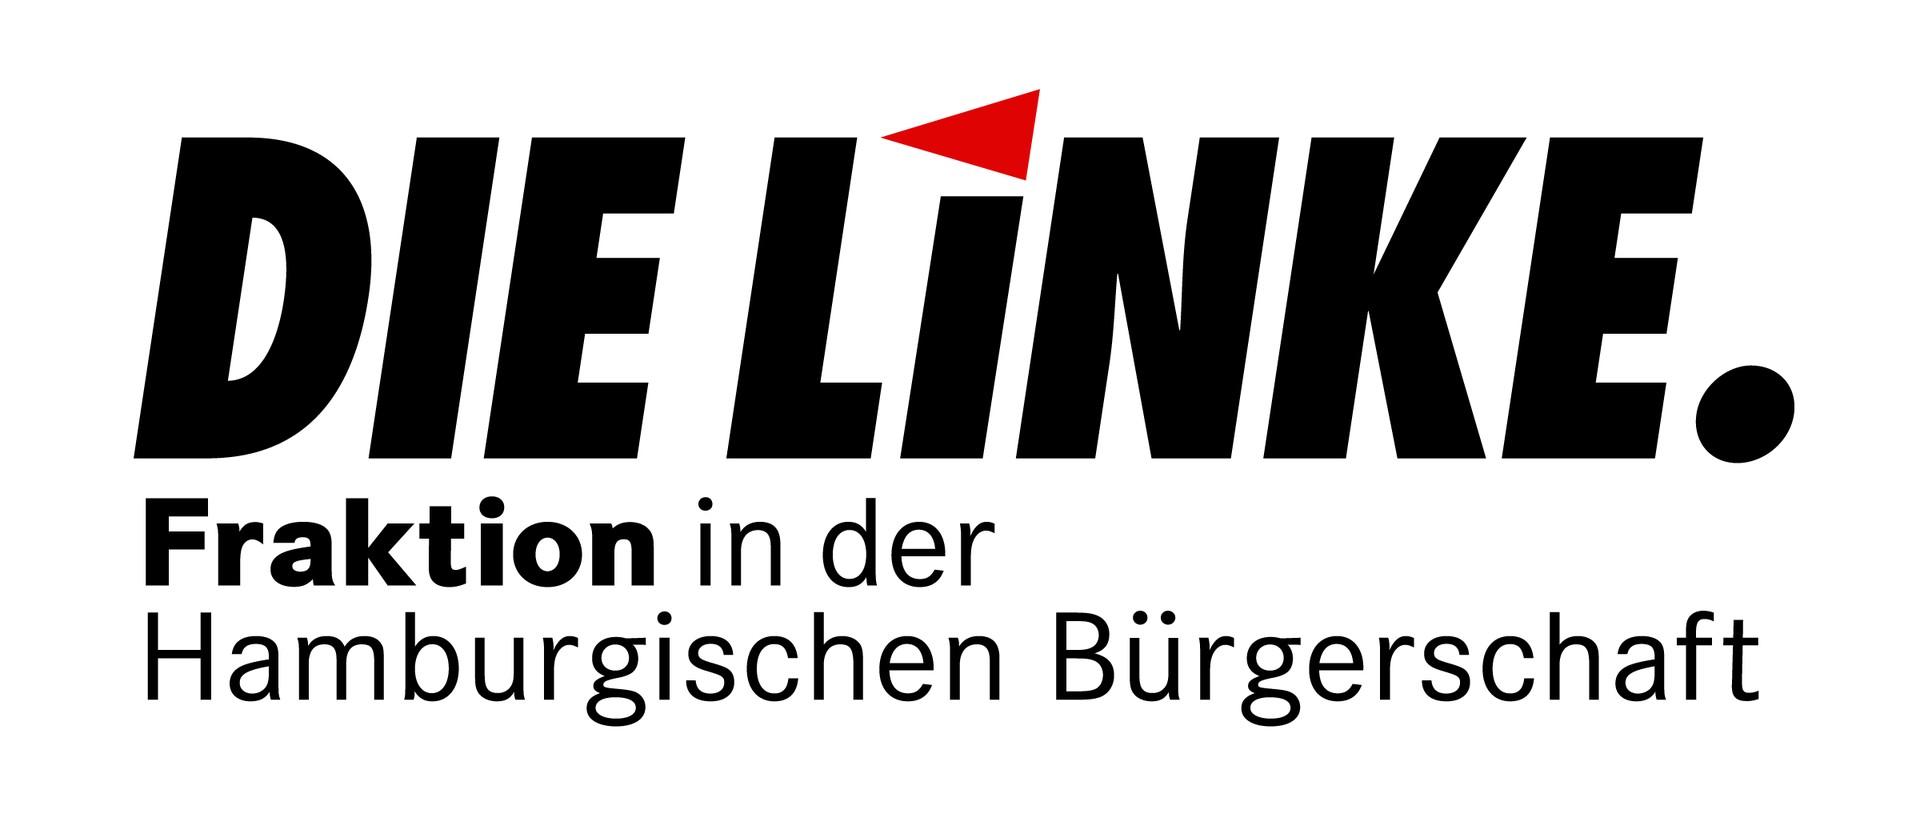 DIE LINKE. Fraktion in der Hamburgischen Bürgerschaft